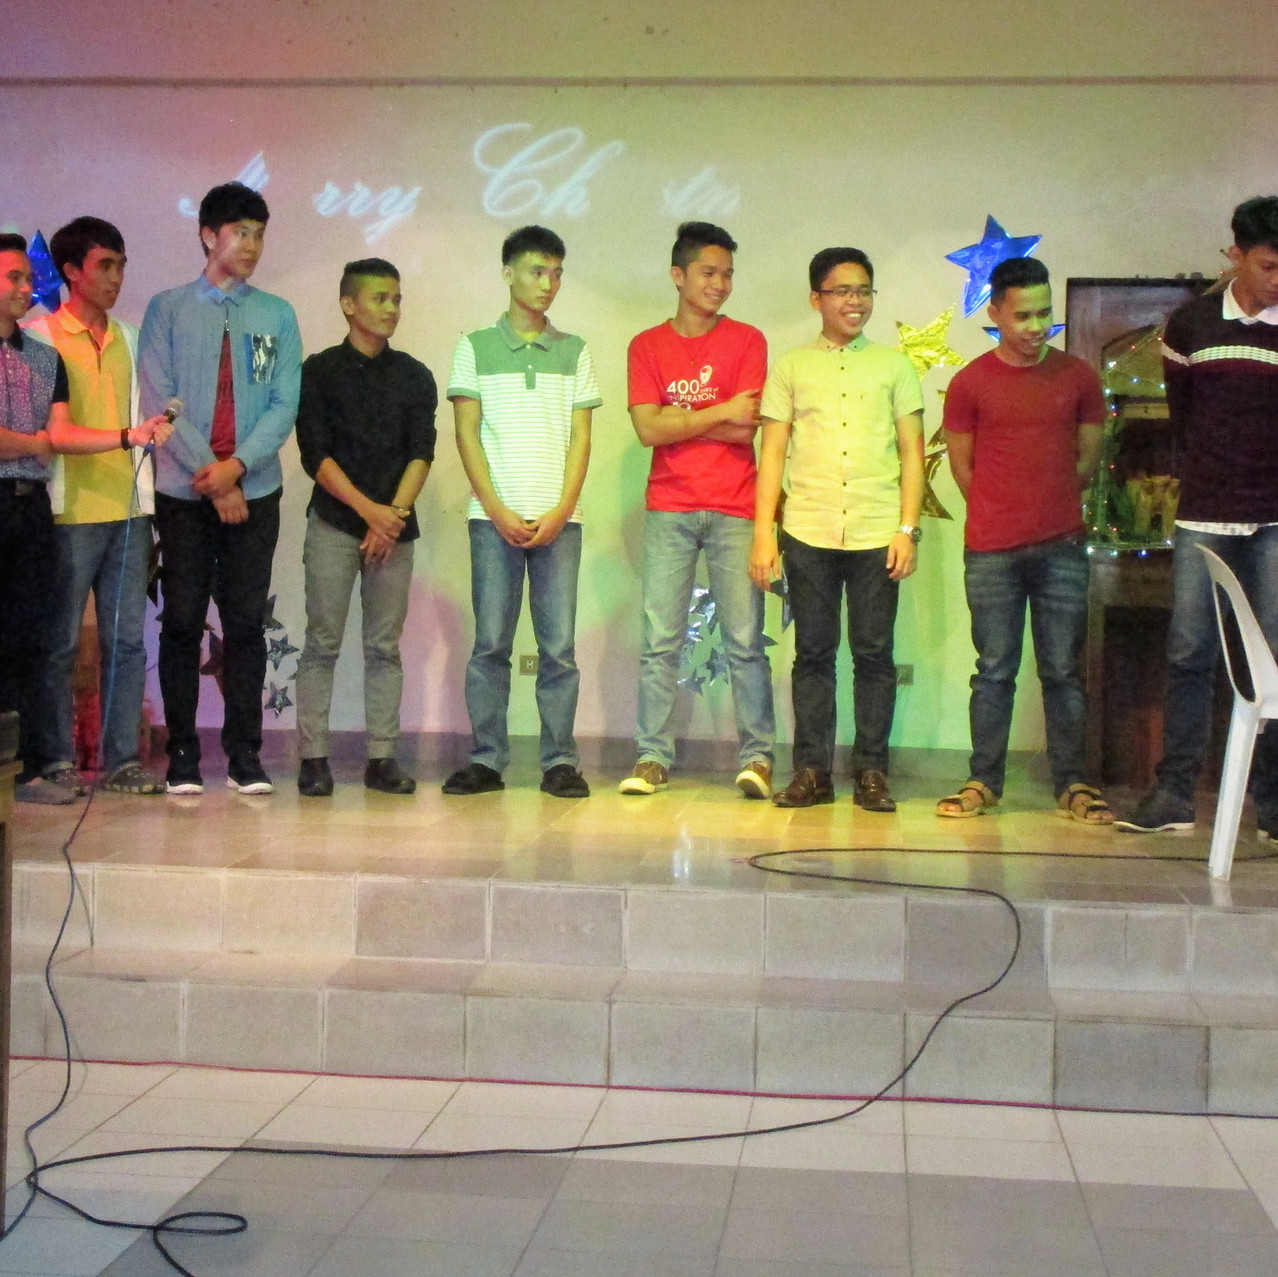 2017-12-14 - Calbayog - Christmas Party  (3)